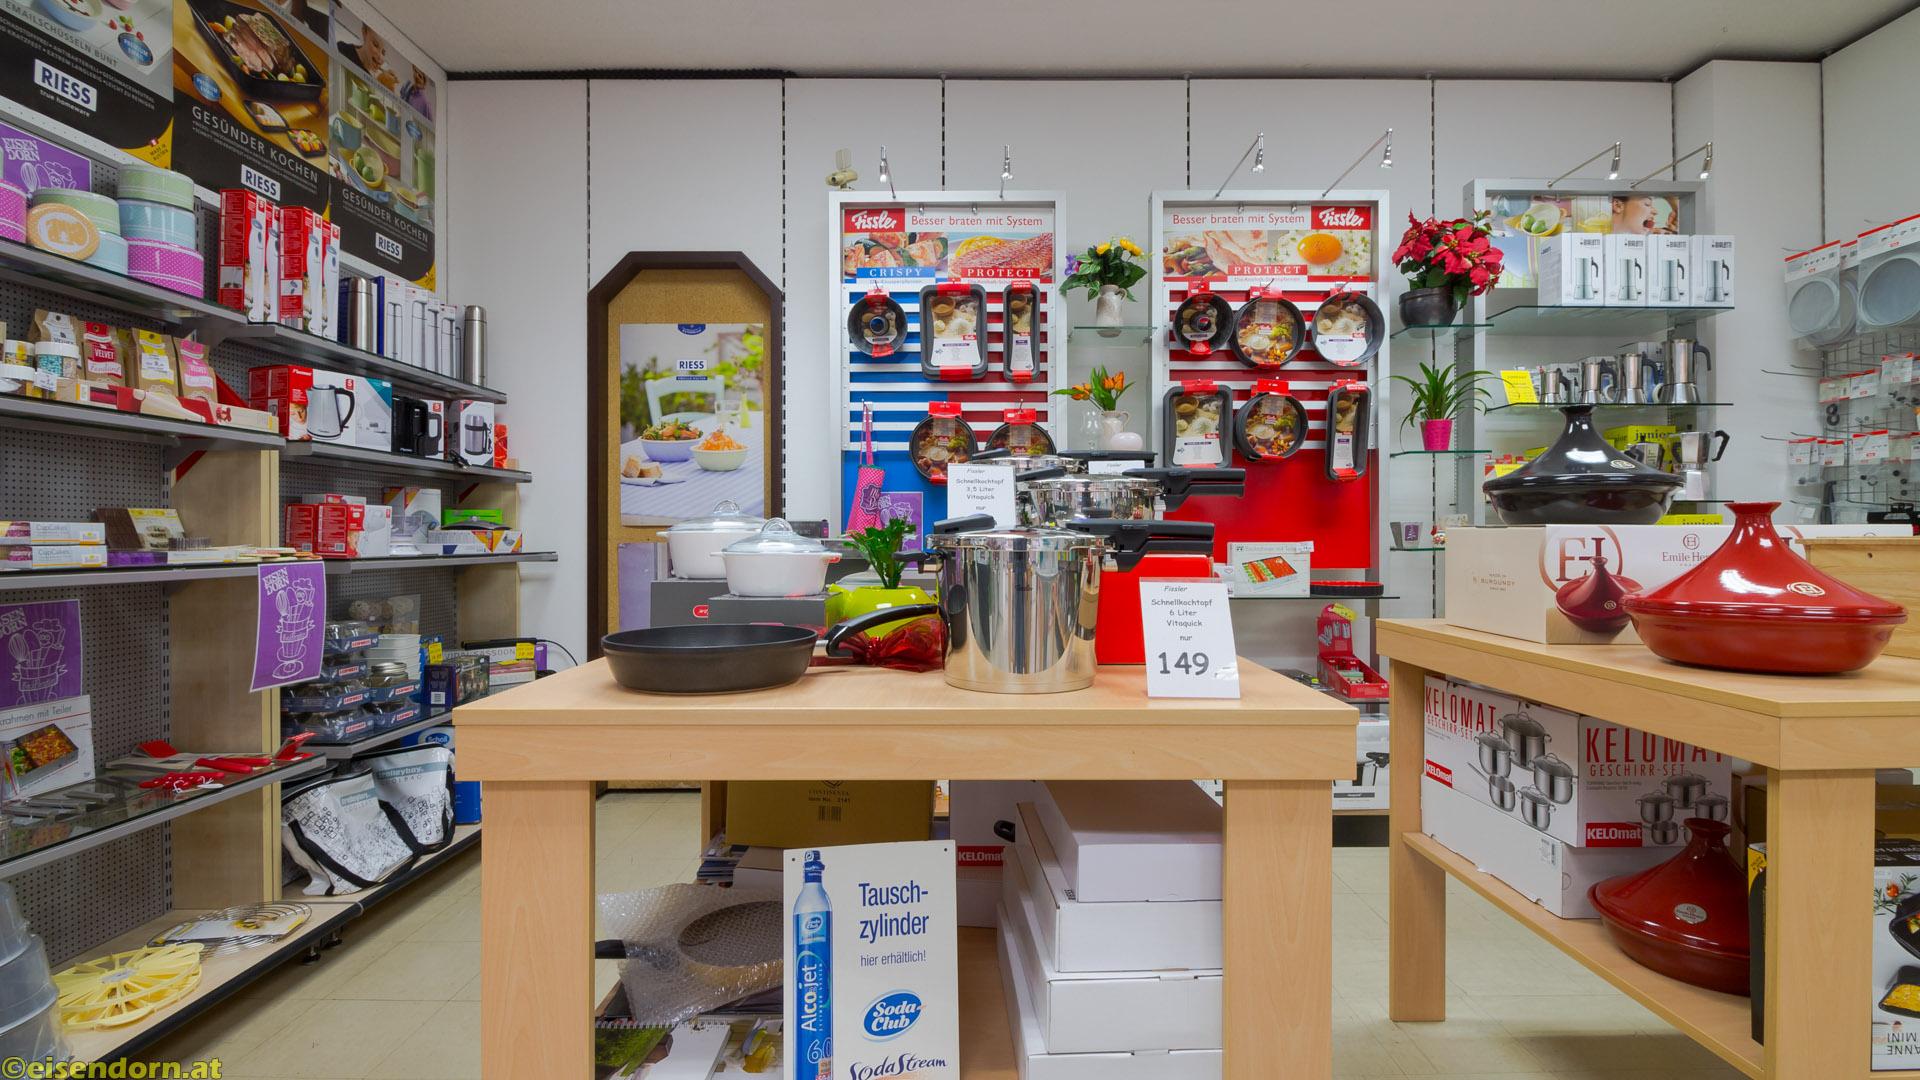 Küche @ eisendorn at